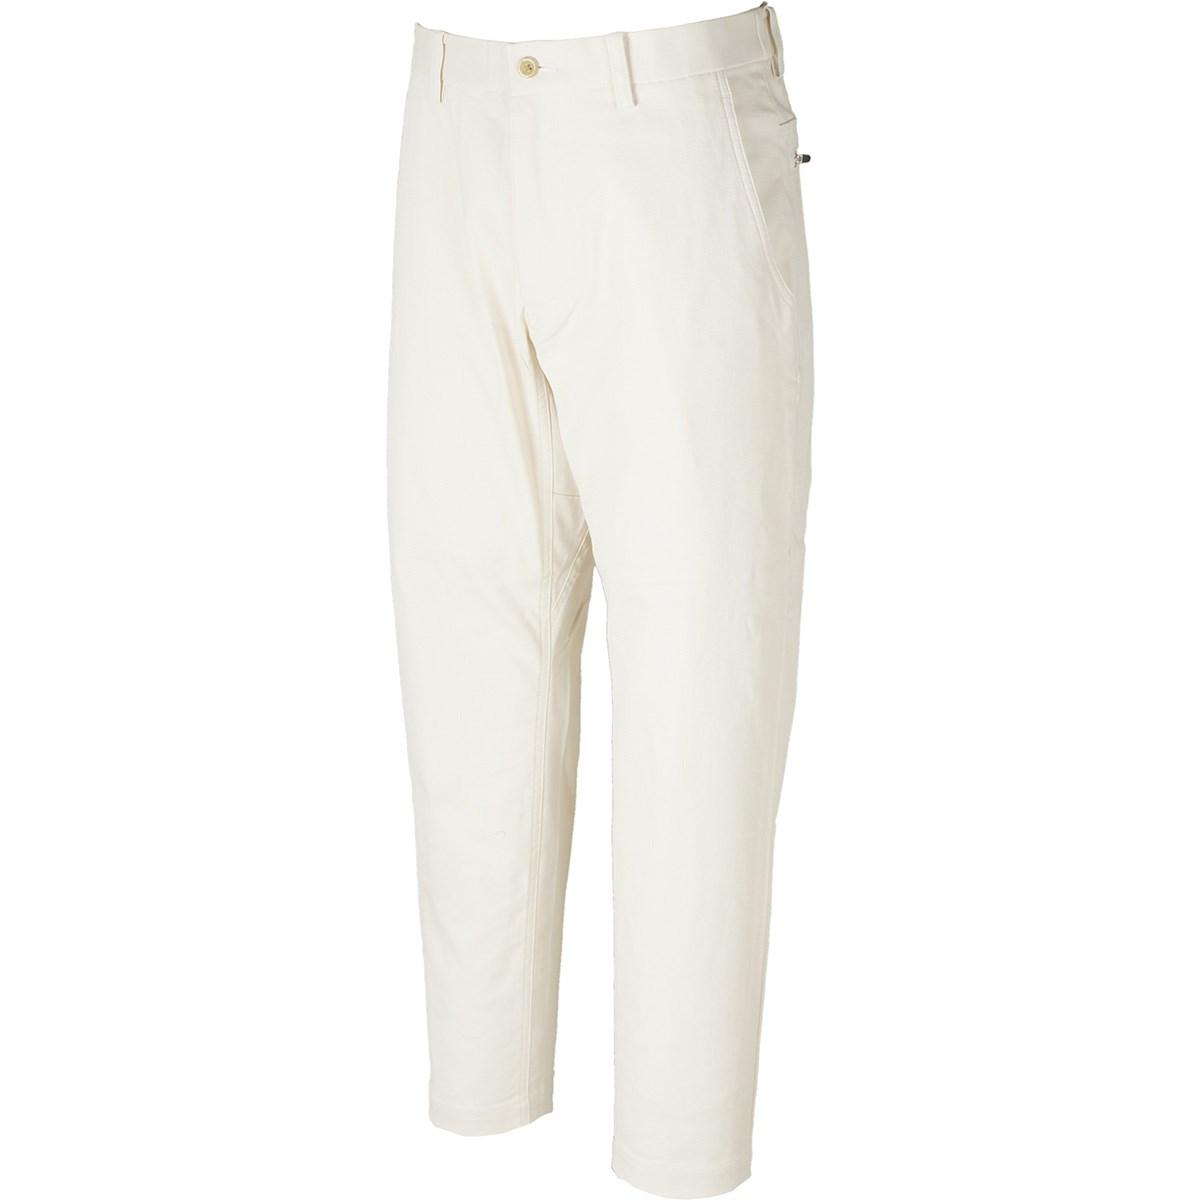 マンシングウェア Munsingwear 9分丈ストレッチクライムパンツ 79 ホワイト 00